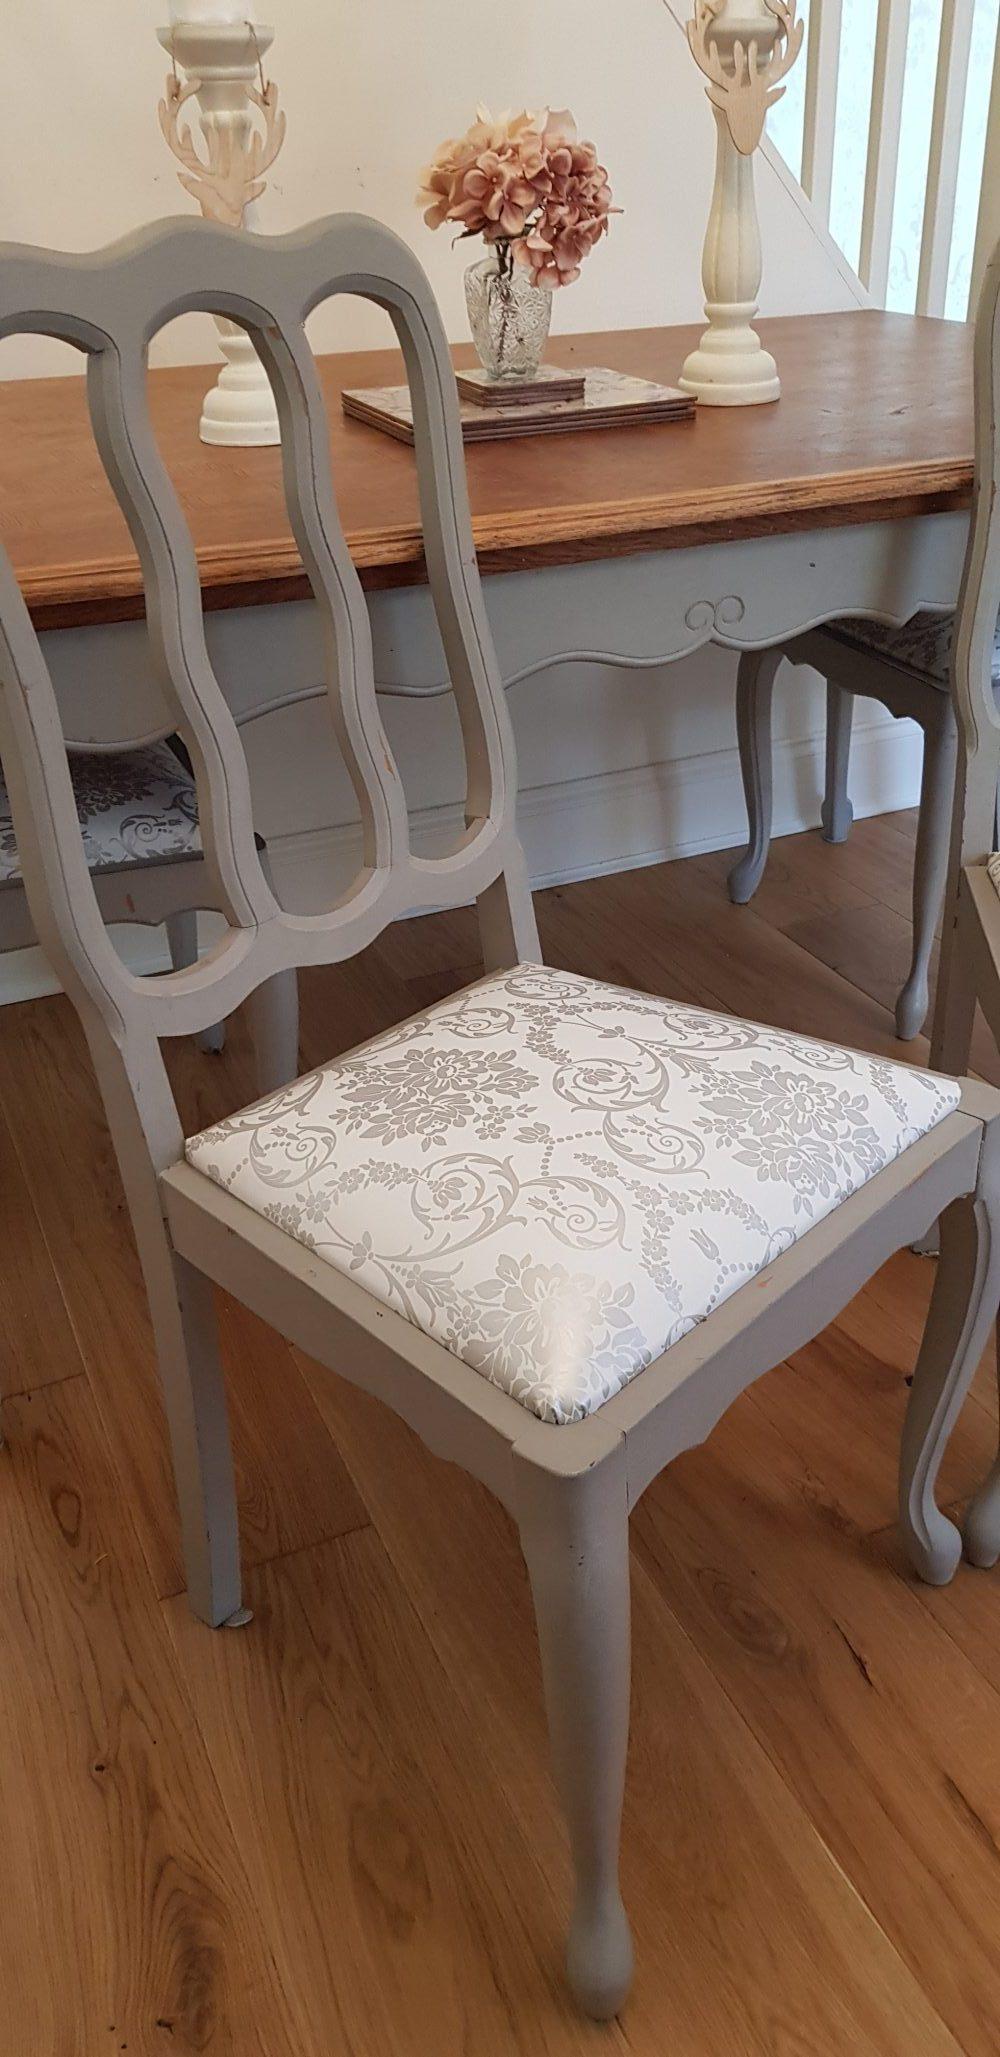 diy chair cushion reupholster